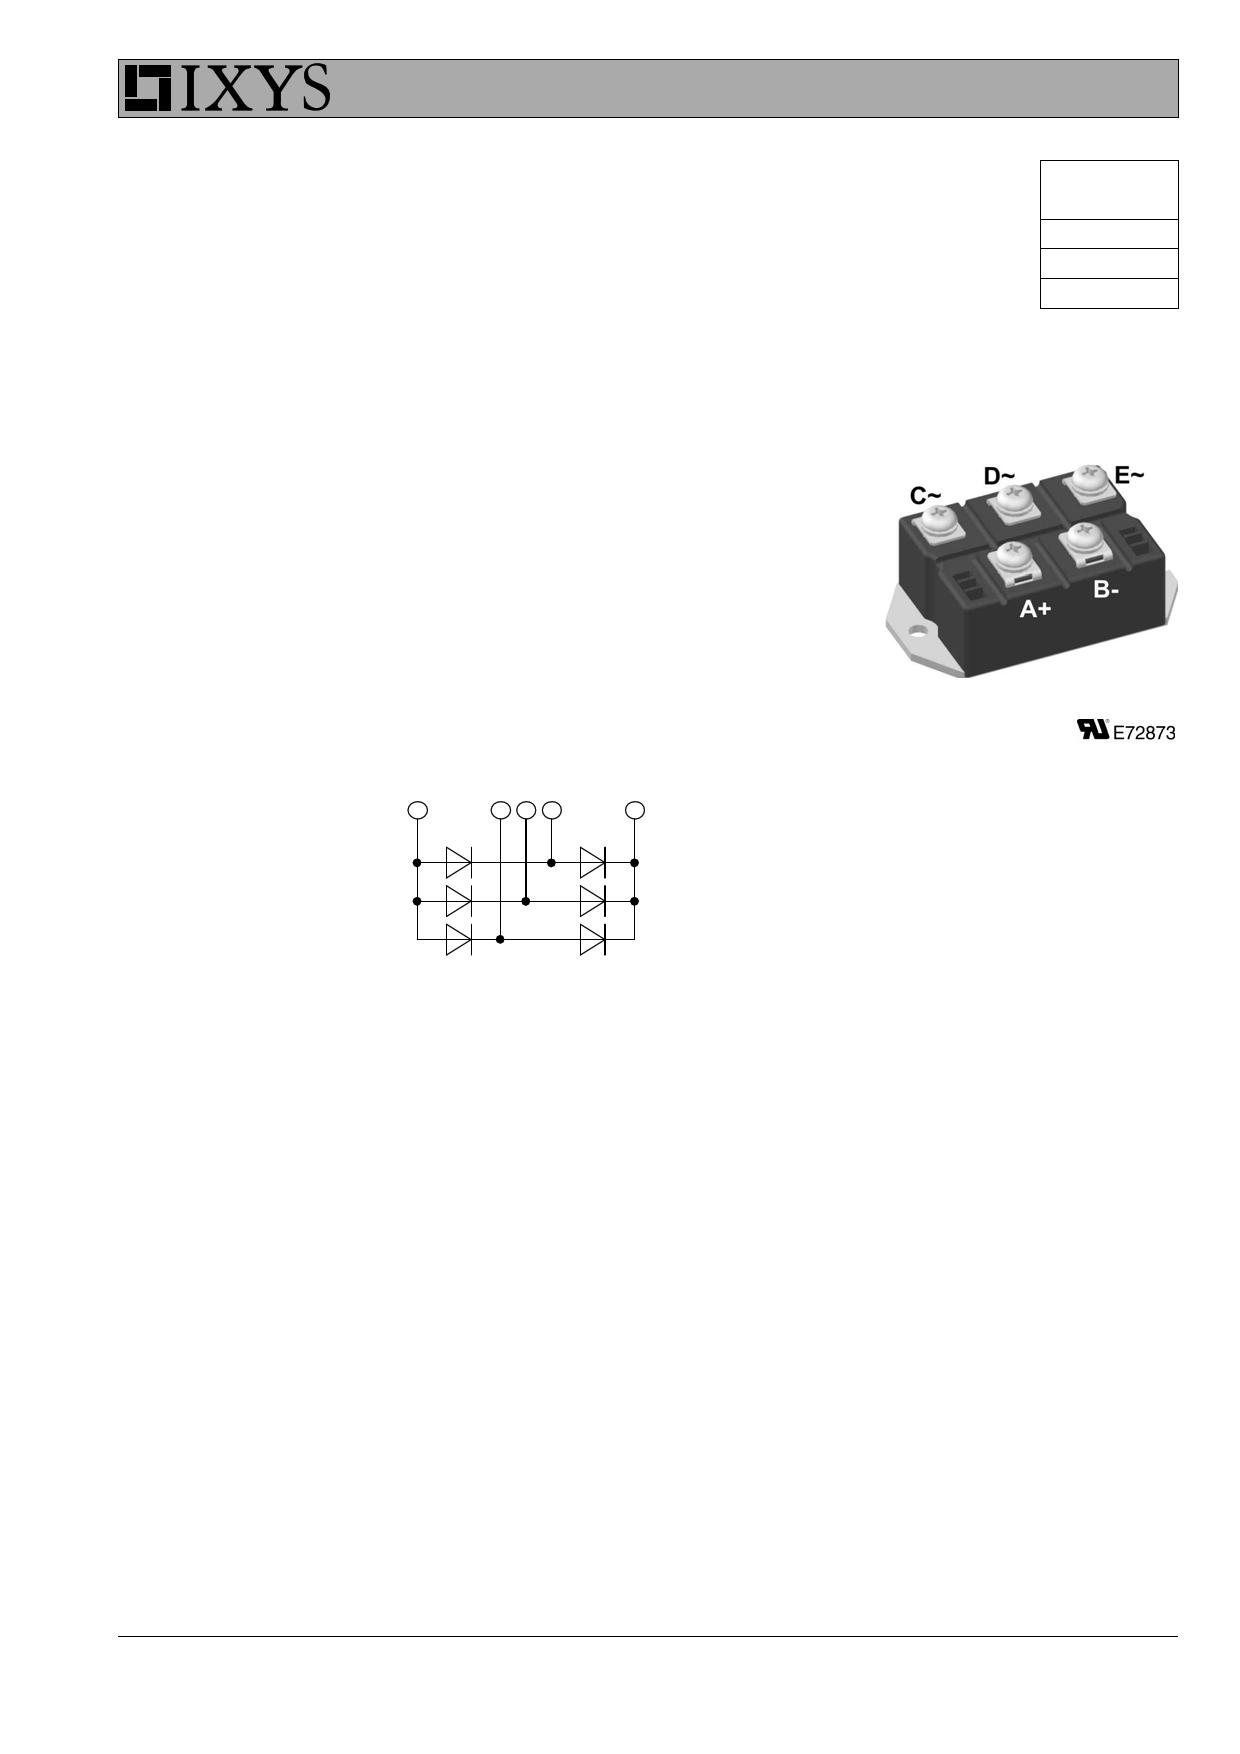 VUO110-08NO7 datasheet